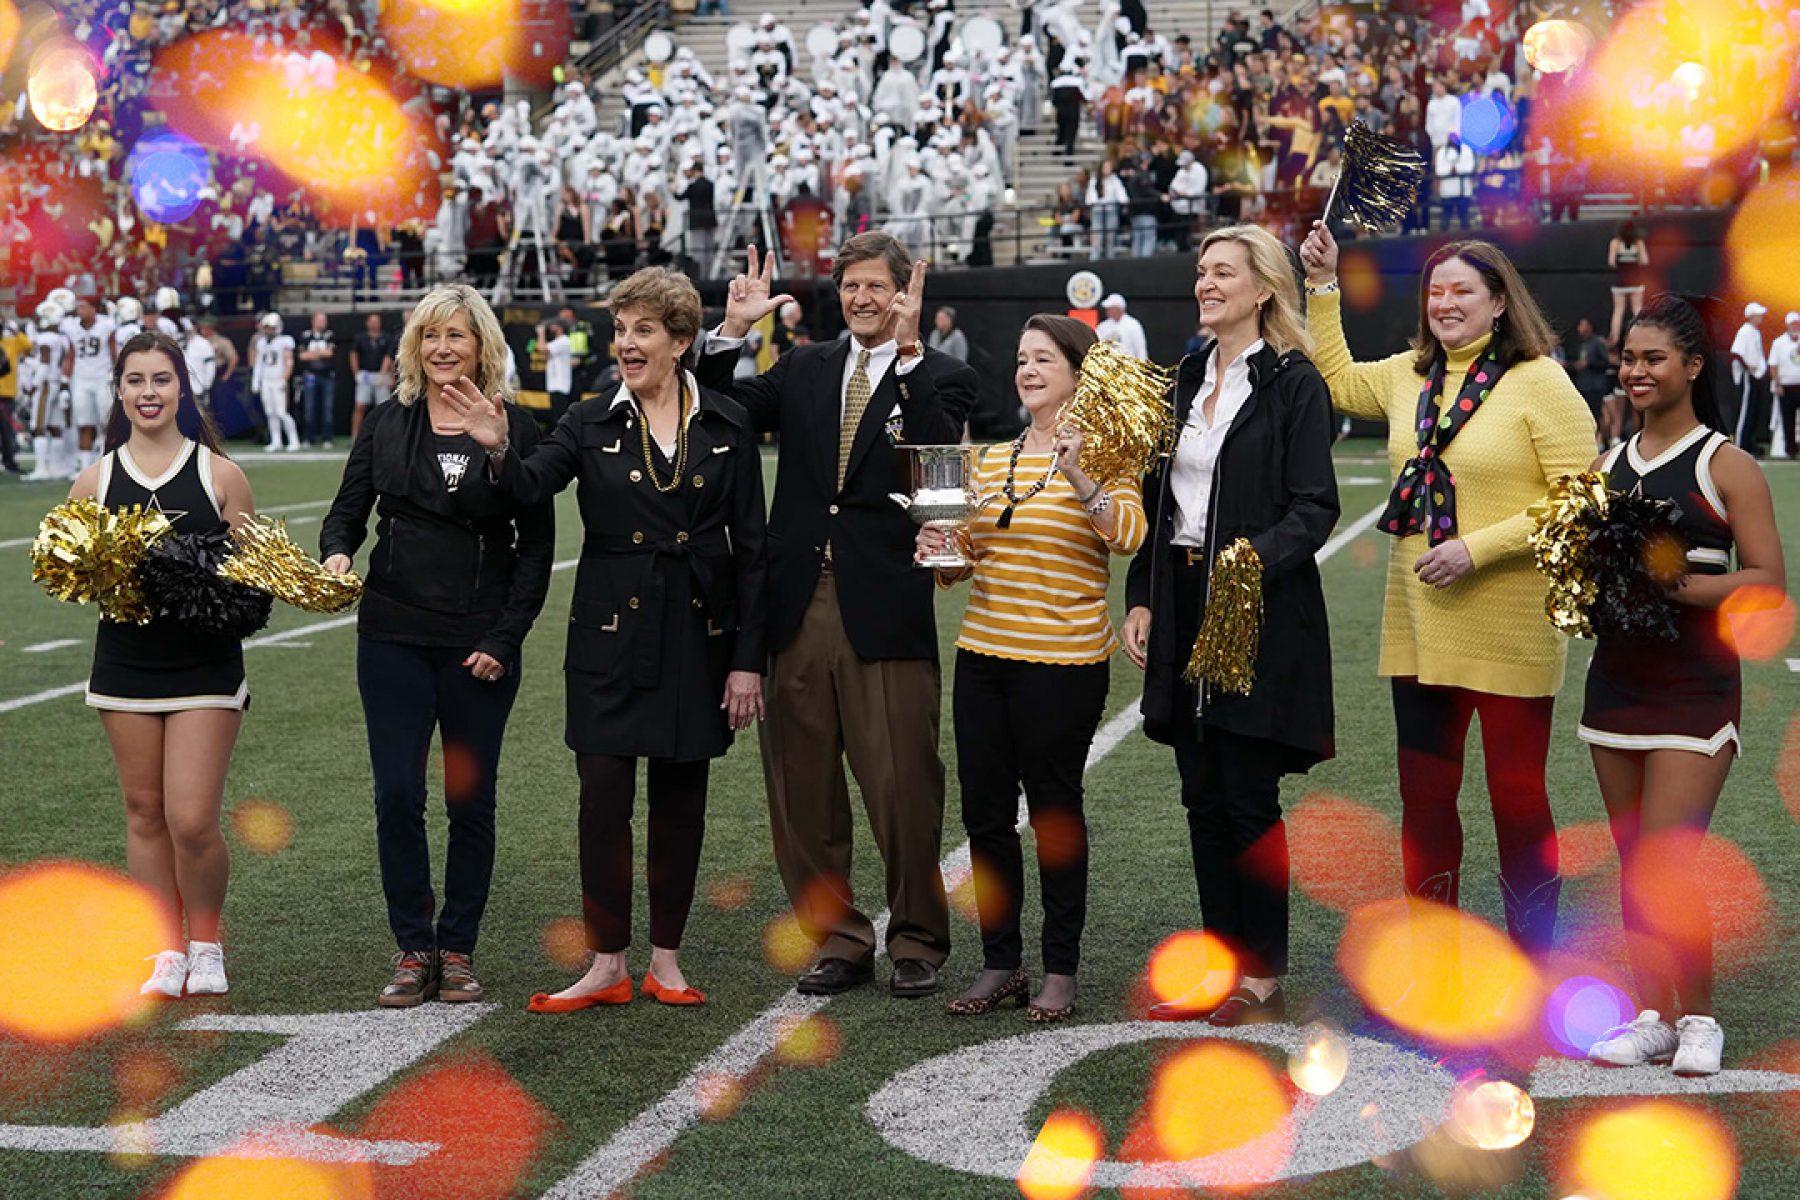 Photo of alumni at football game